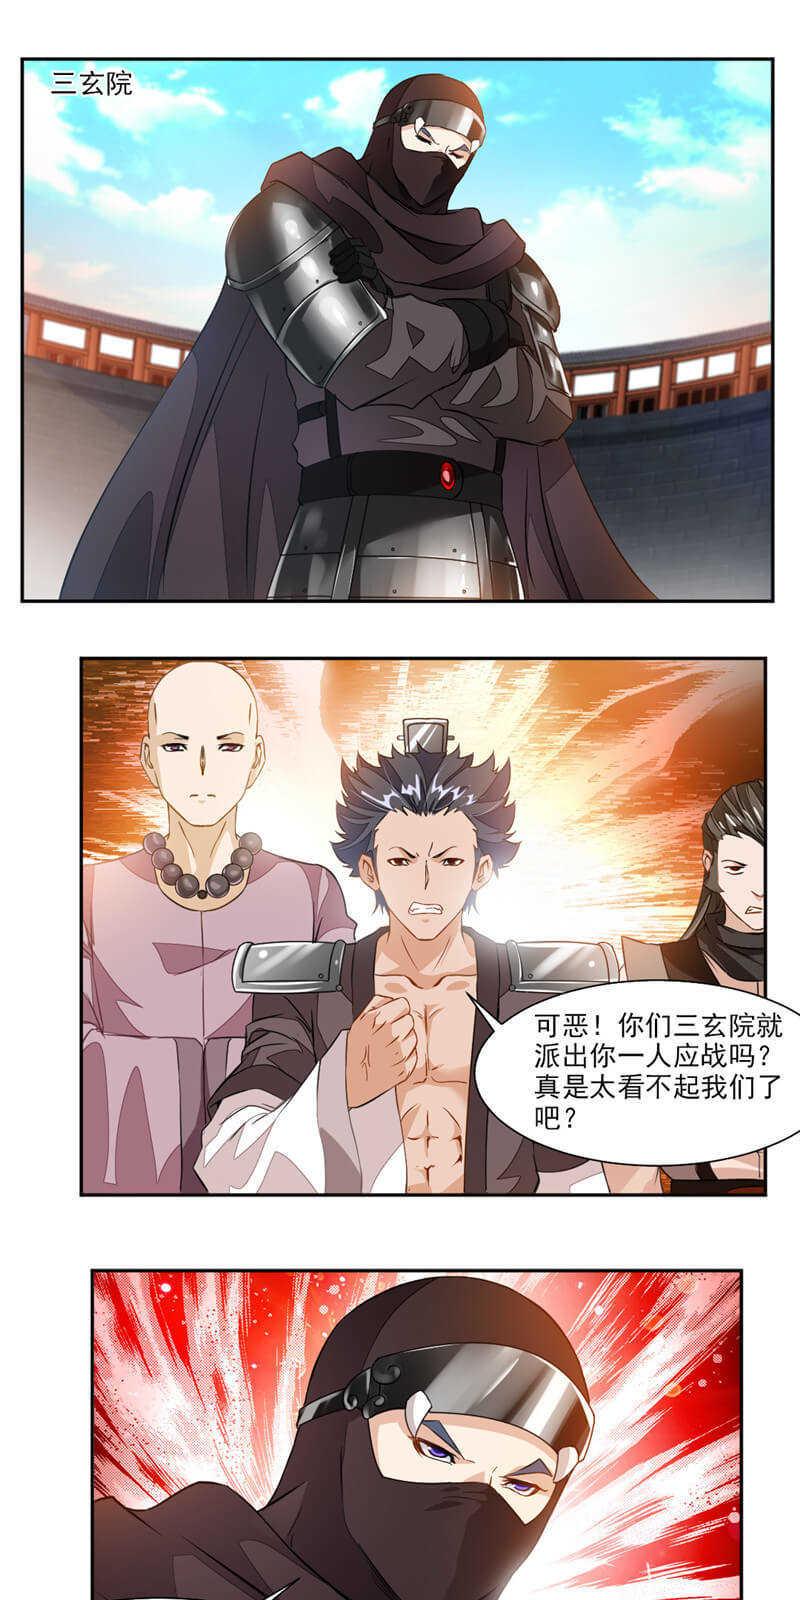 九阳神王第42话  潜龙武道大会 第 12